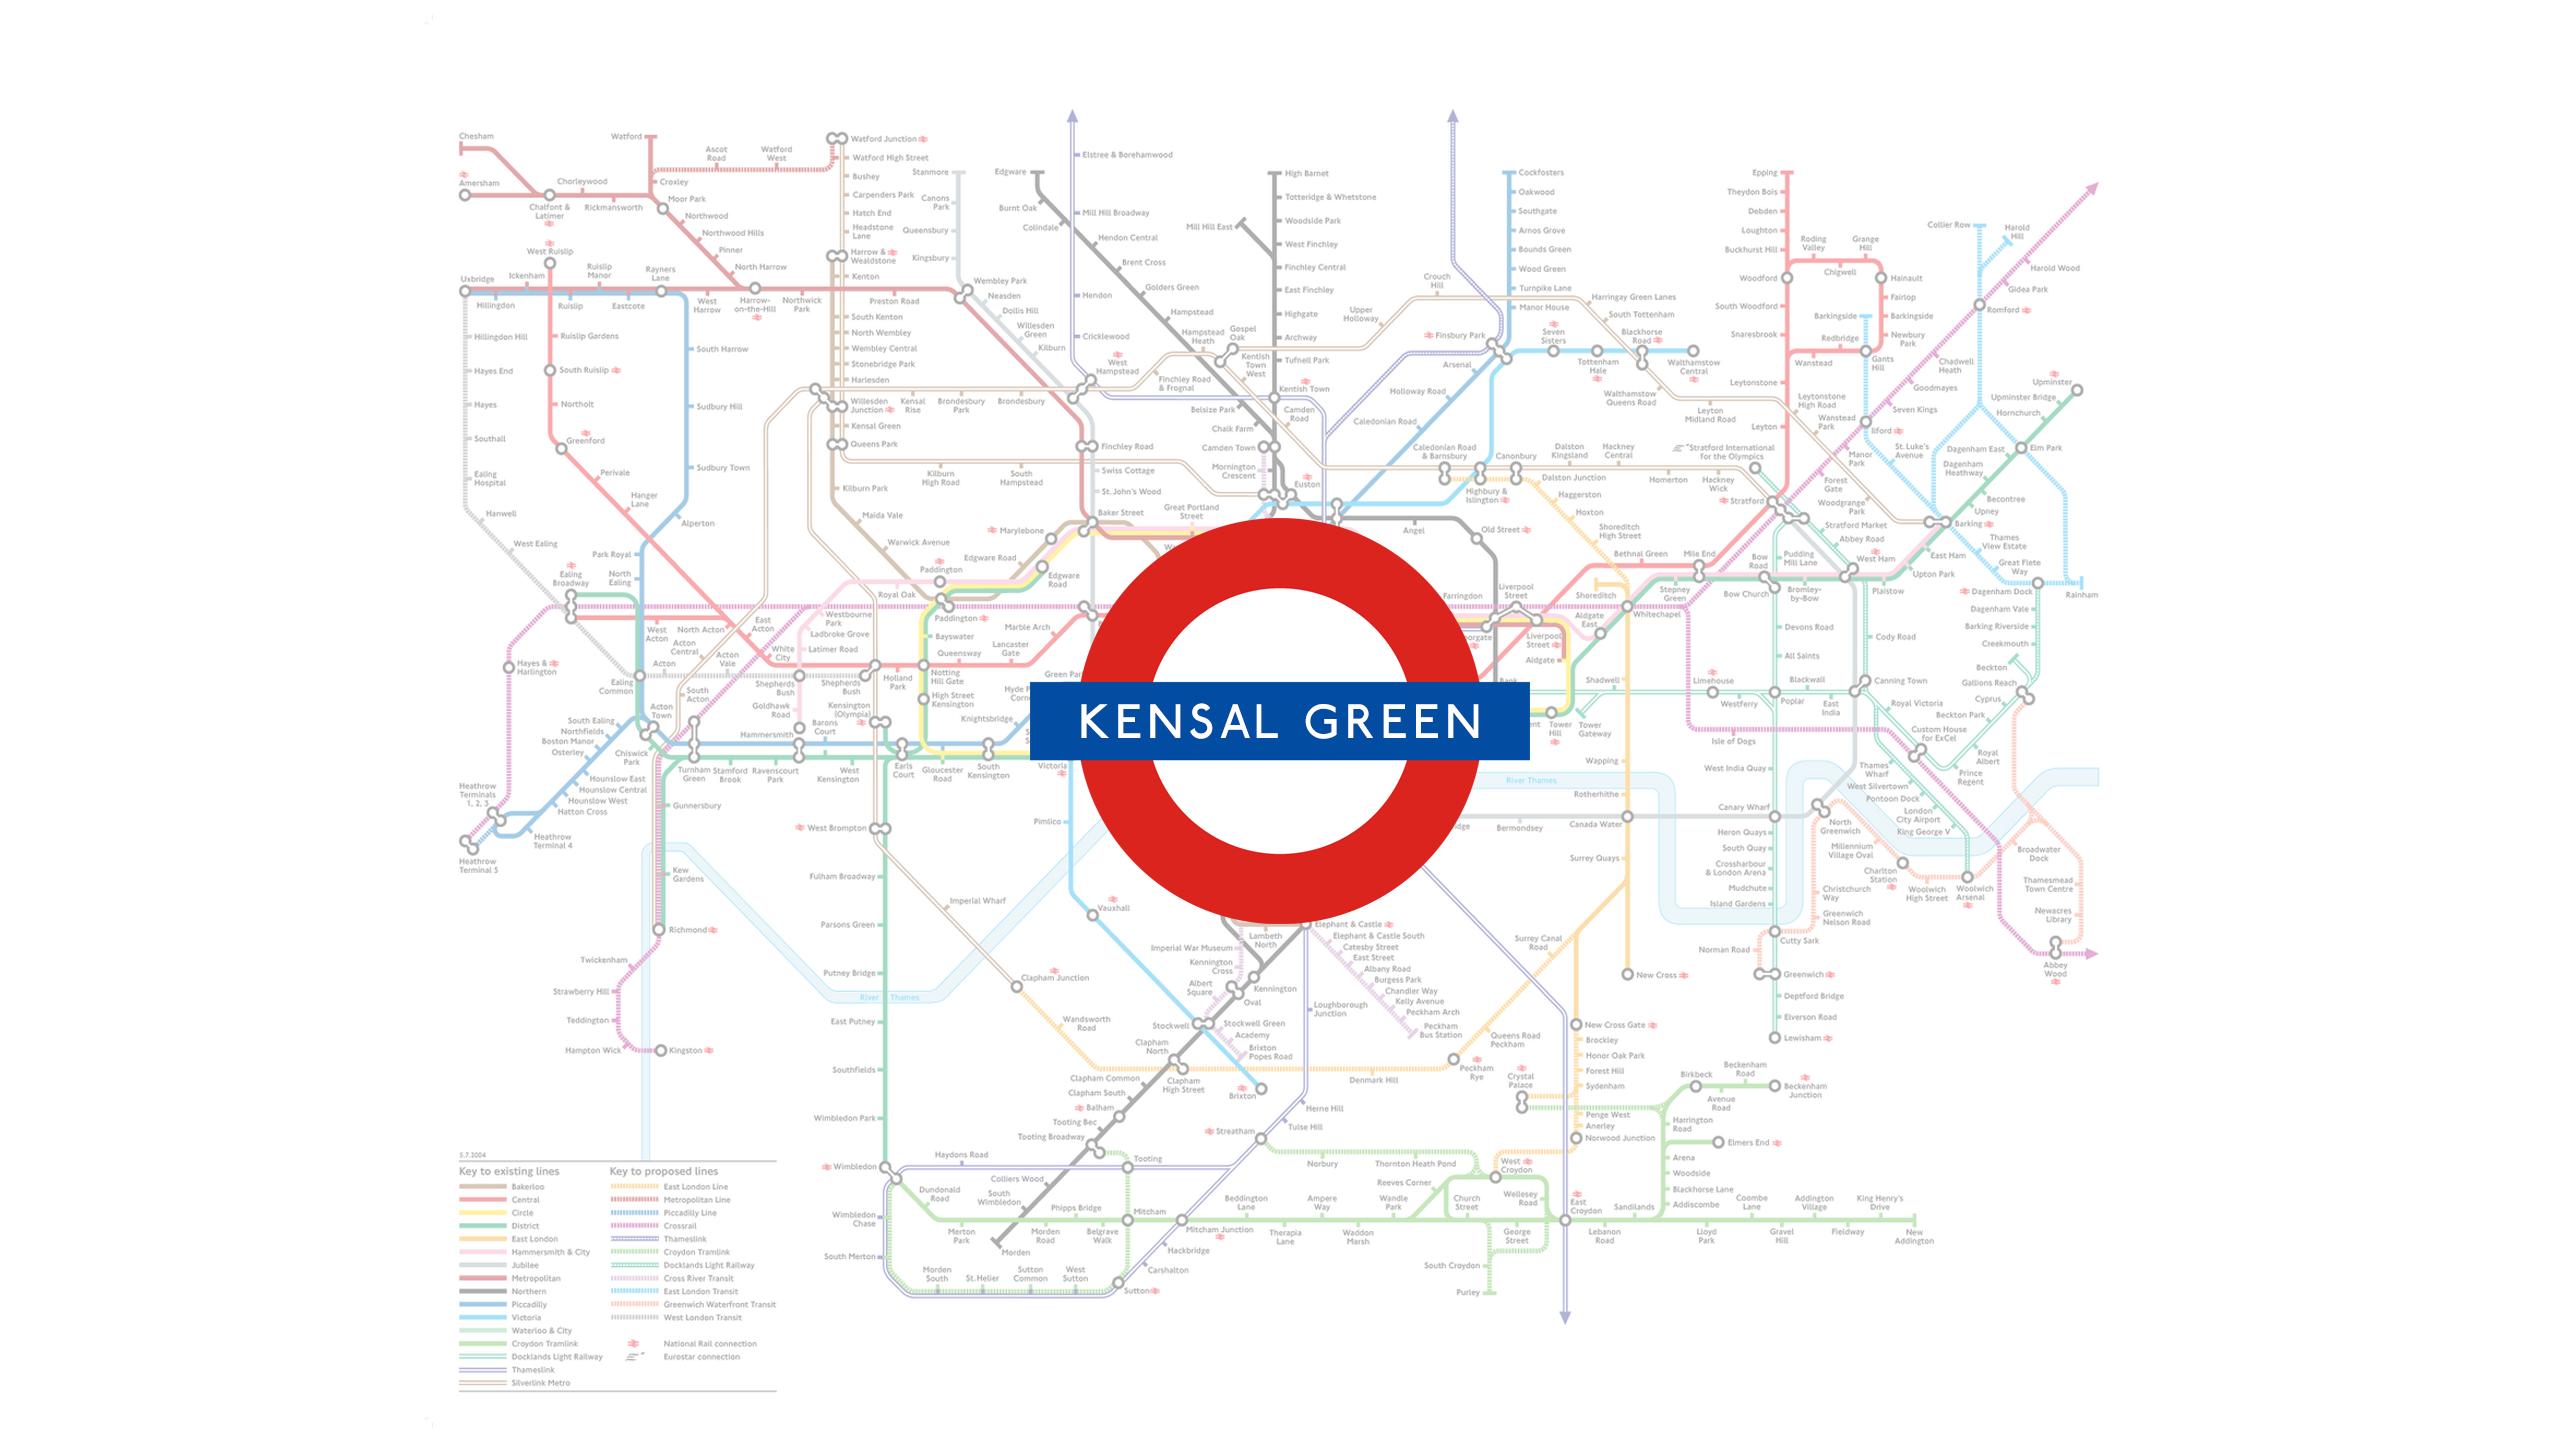 Kensal Green (Map)